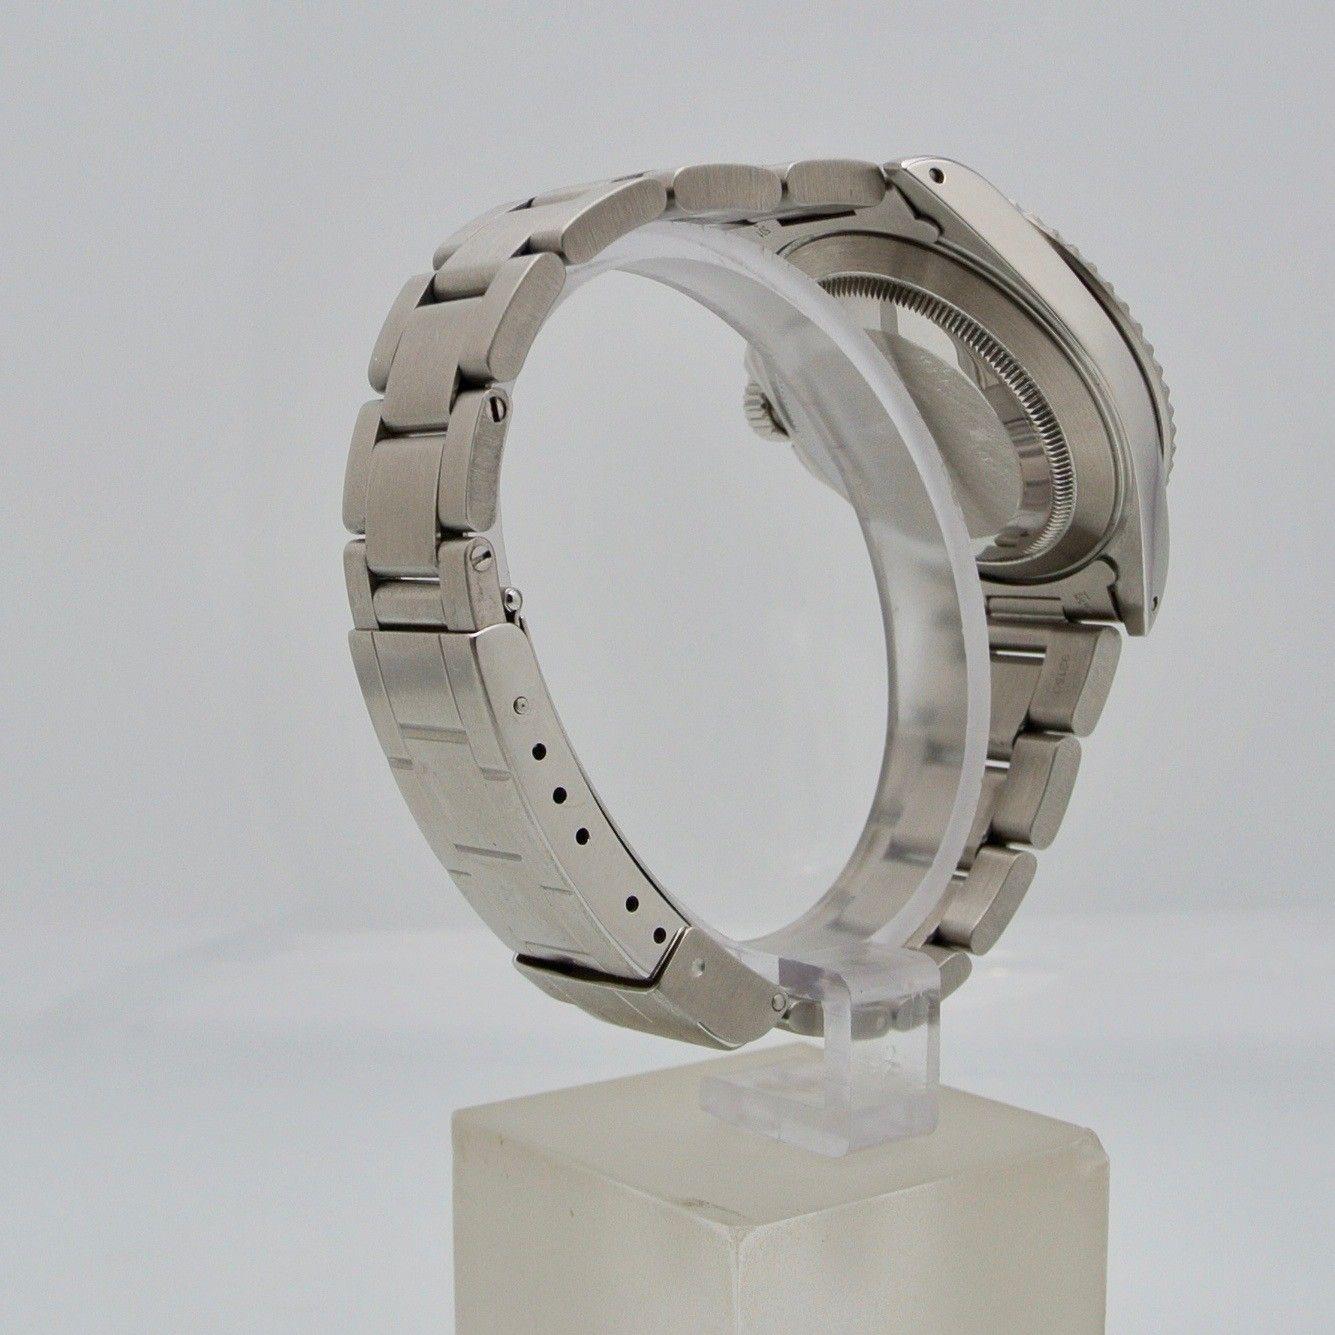 Rolex Submariner Tritium Dial